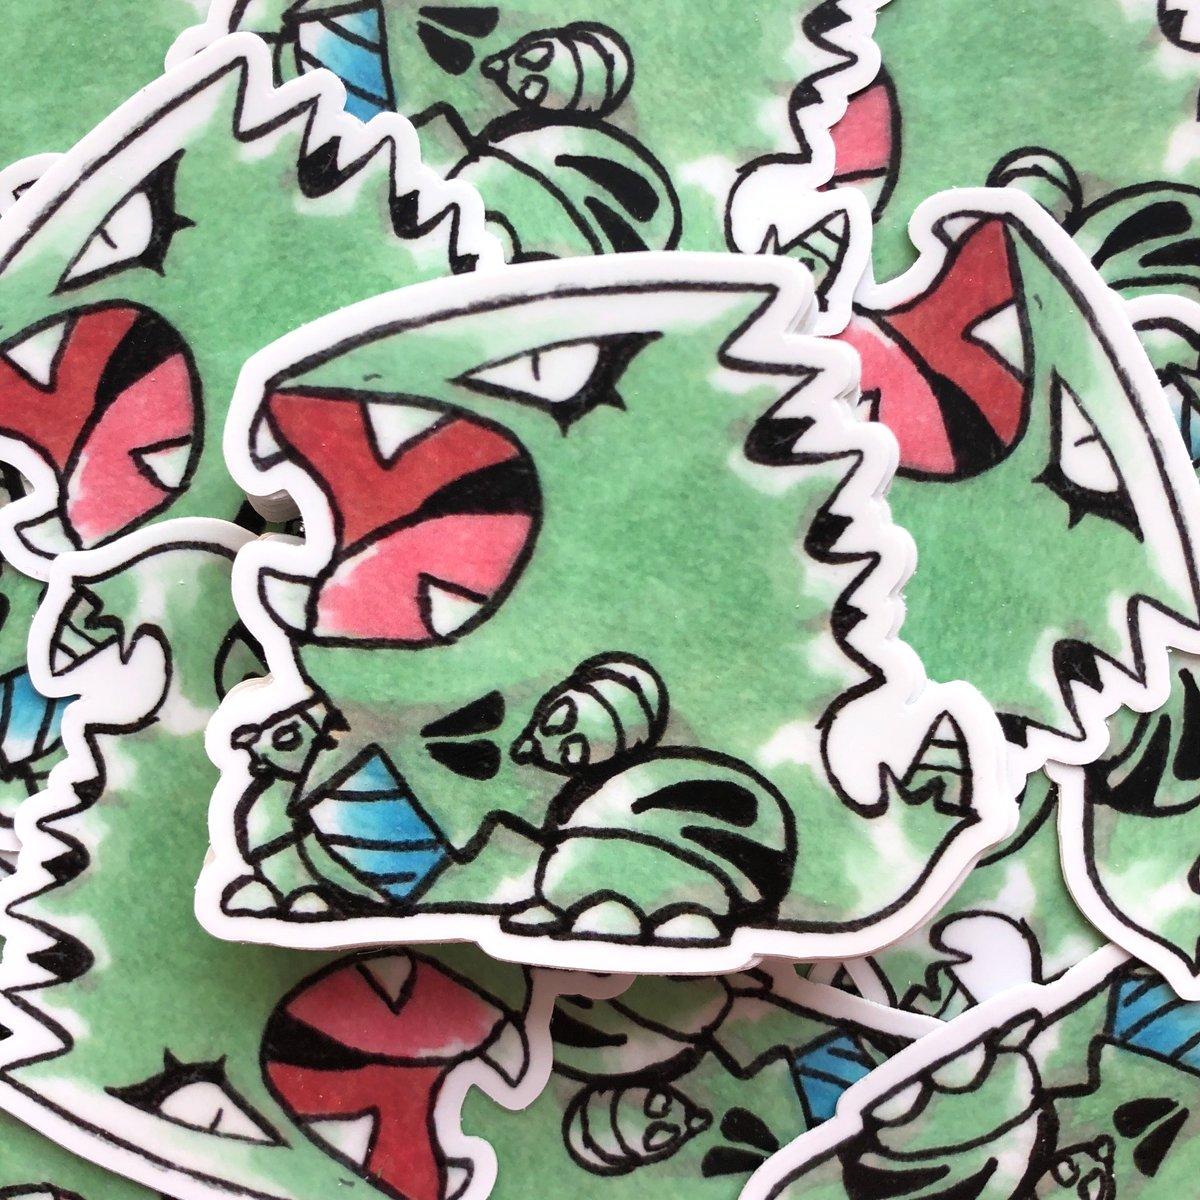 Image of Tyranitar Sticker